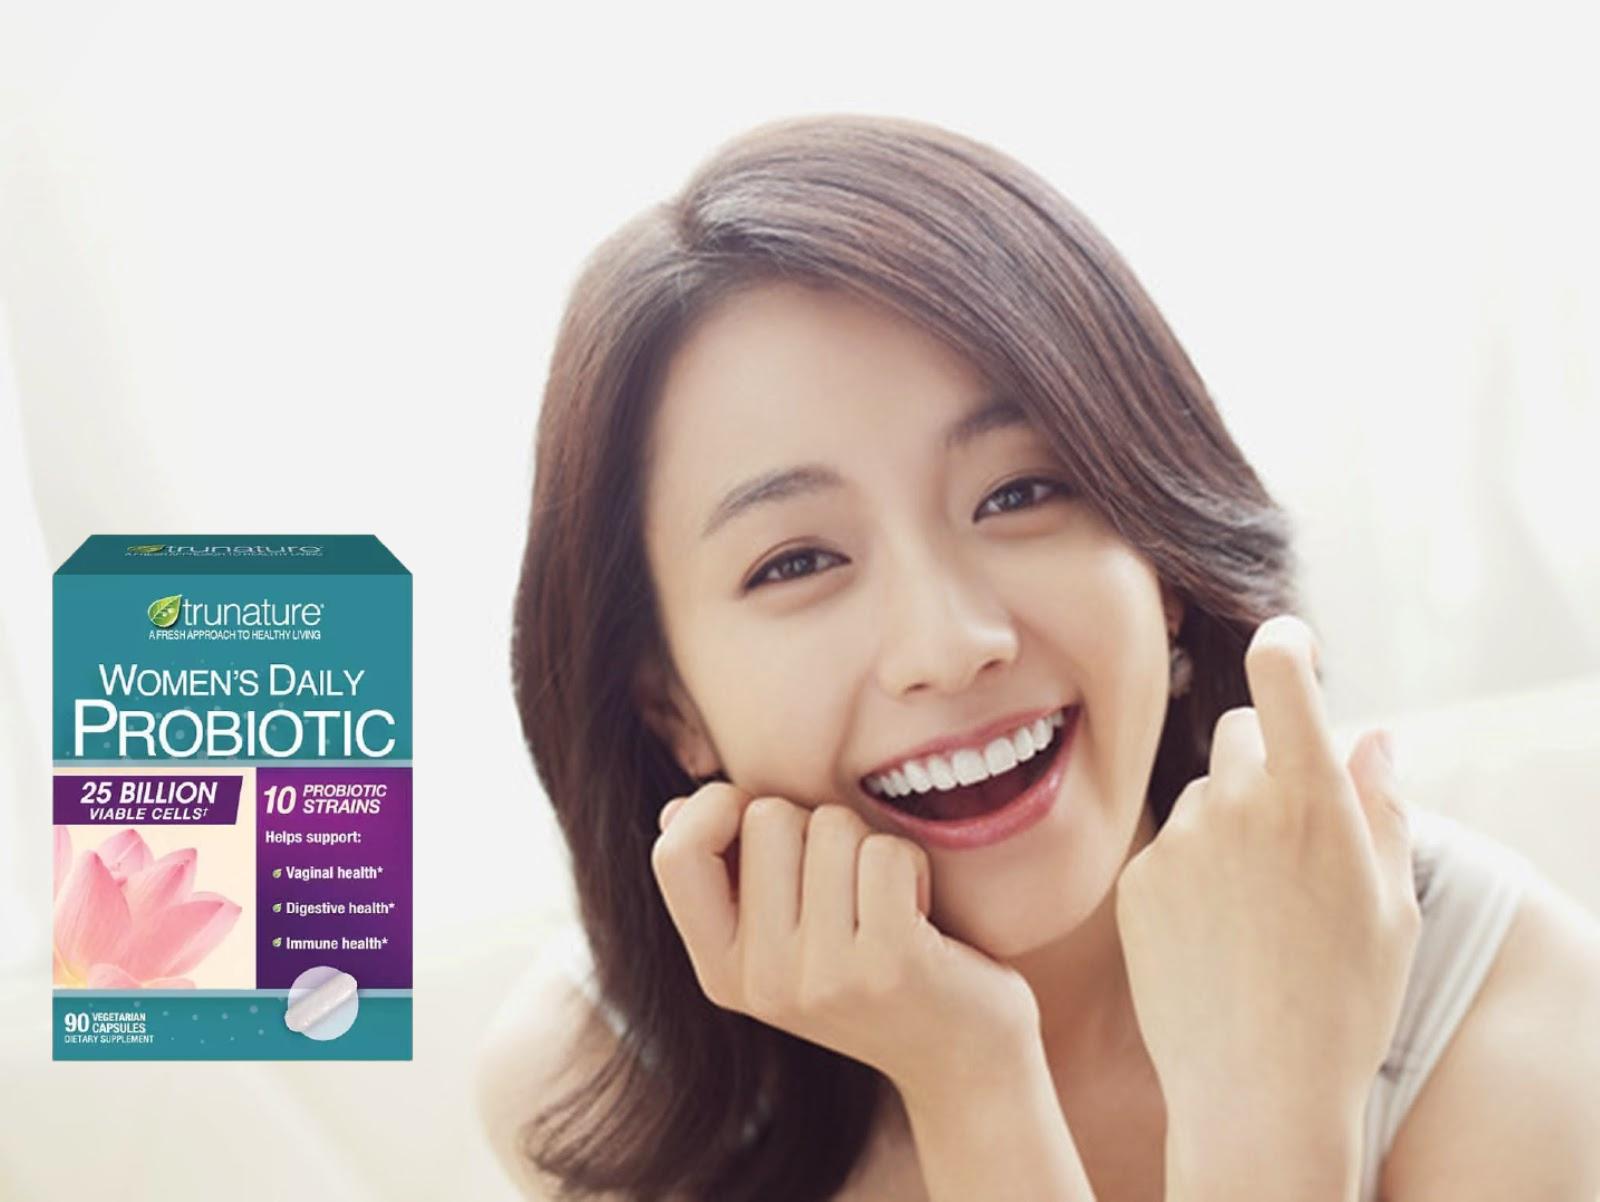 Men vi sinh cho nữ Trunature Women's Daily Probiotic hõ trợ sức khỏe toàn diện